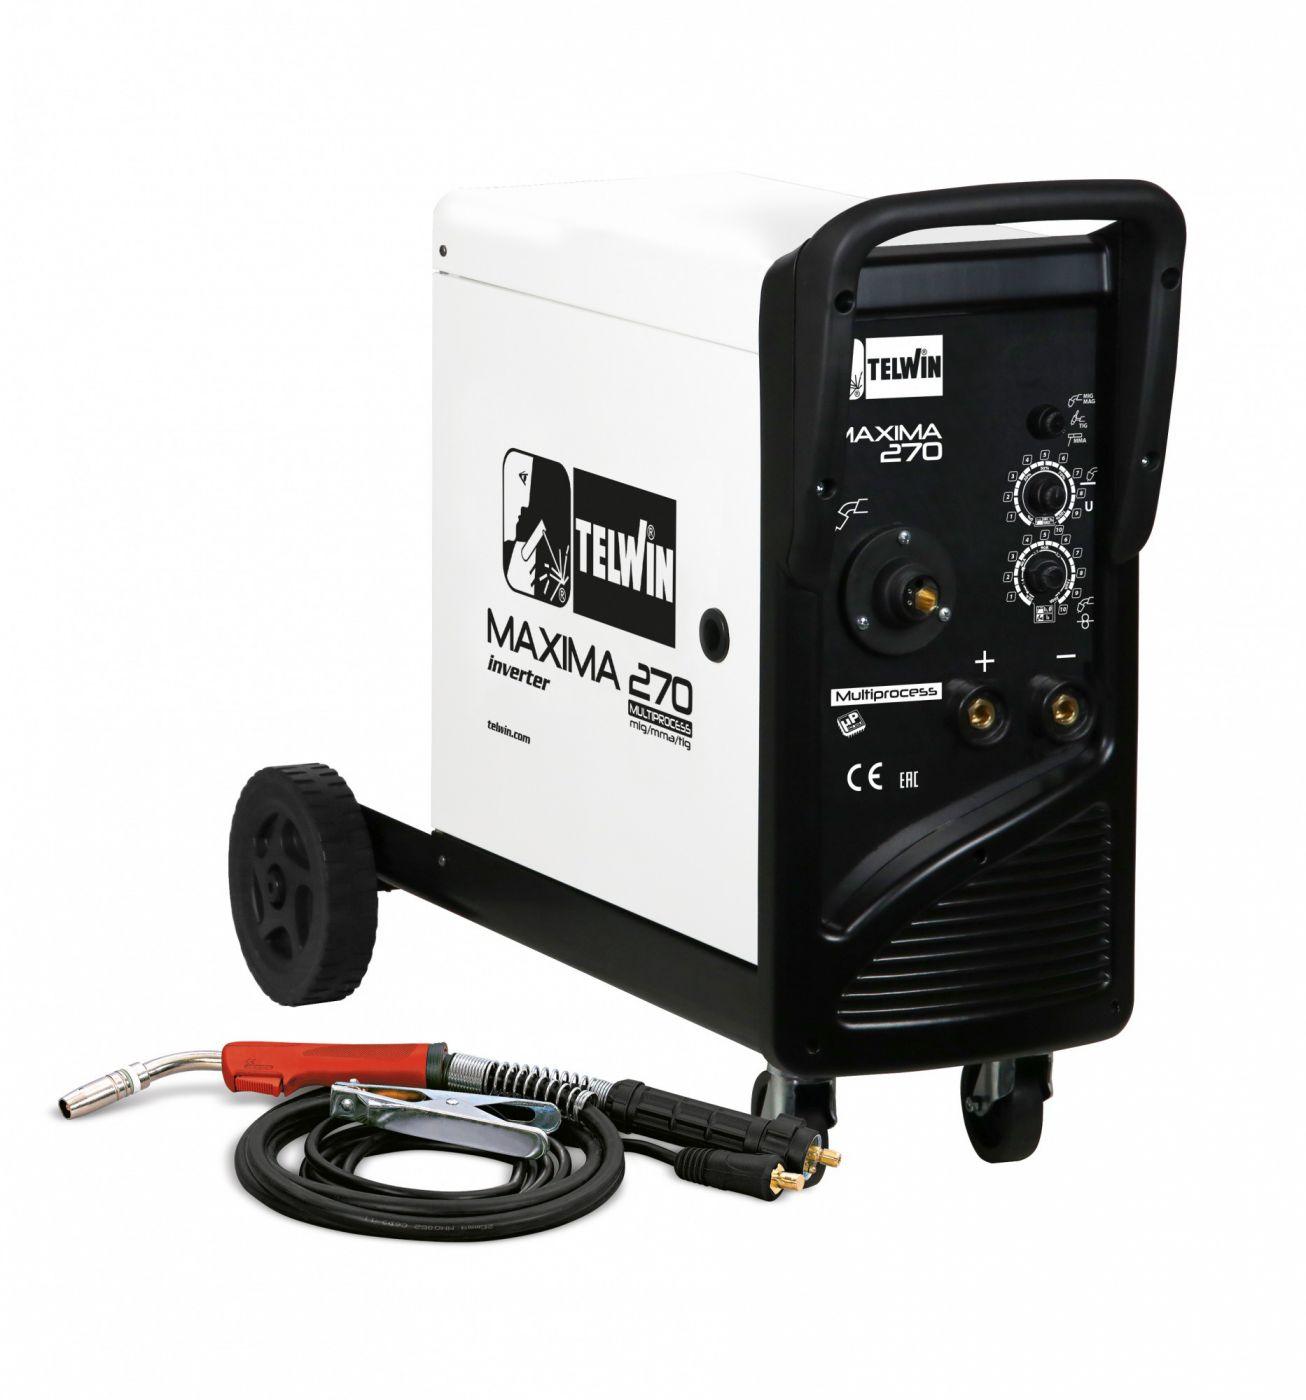 Сварочный полуавтомат MAXIMA 270 SYNERGIC 230V